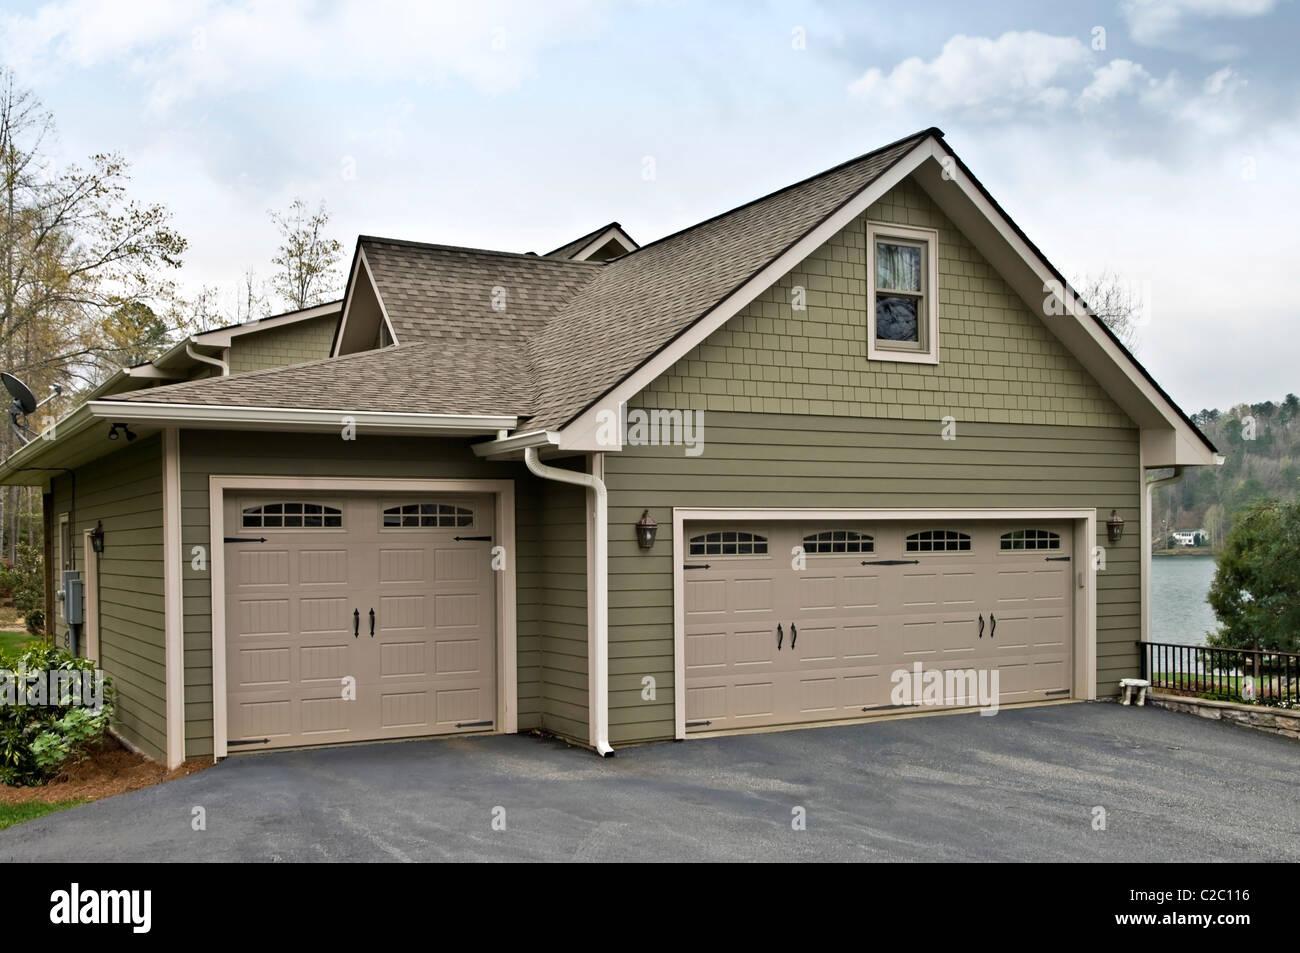 Lato di una casa moderna che mostra le tre porte di garage. Immagini Stock